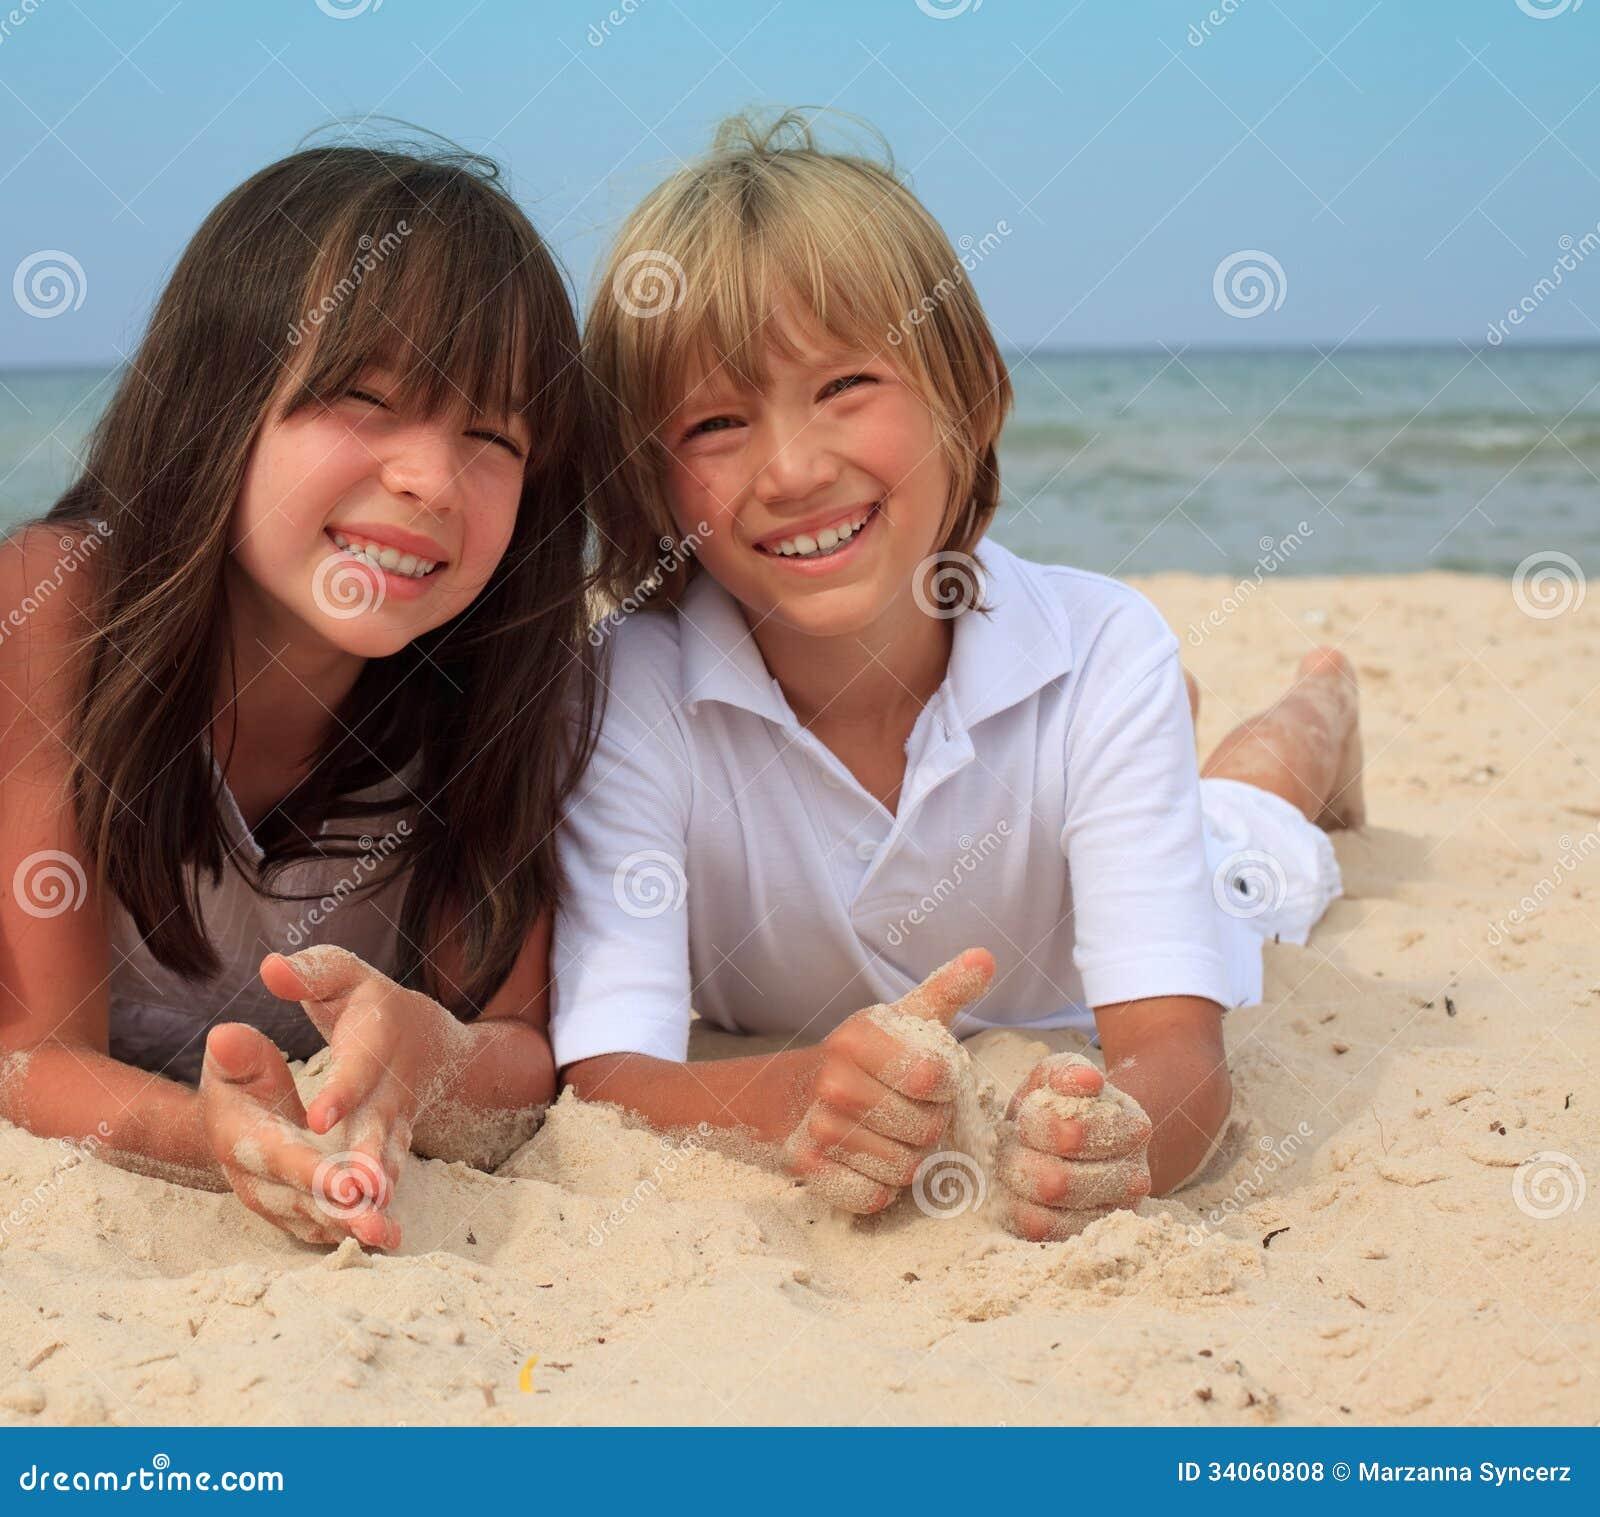 Siblings at the beach